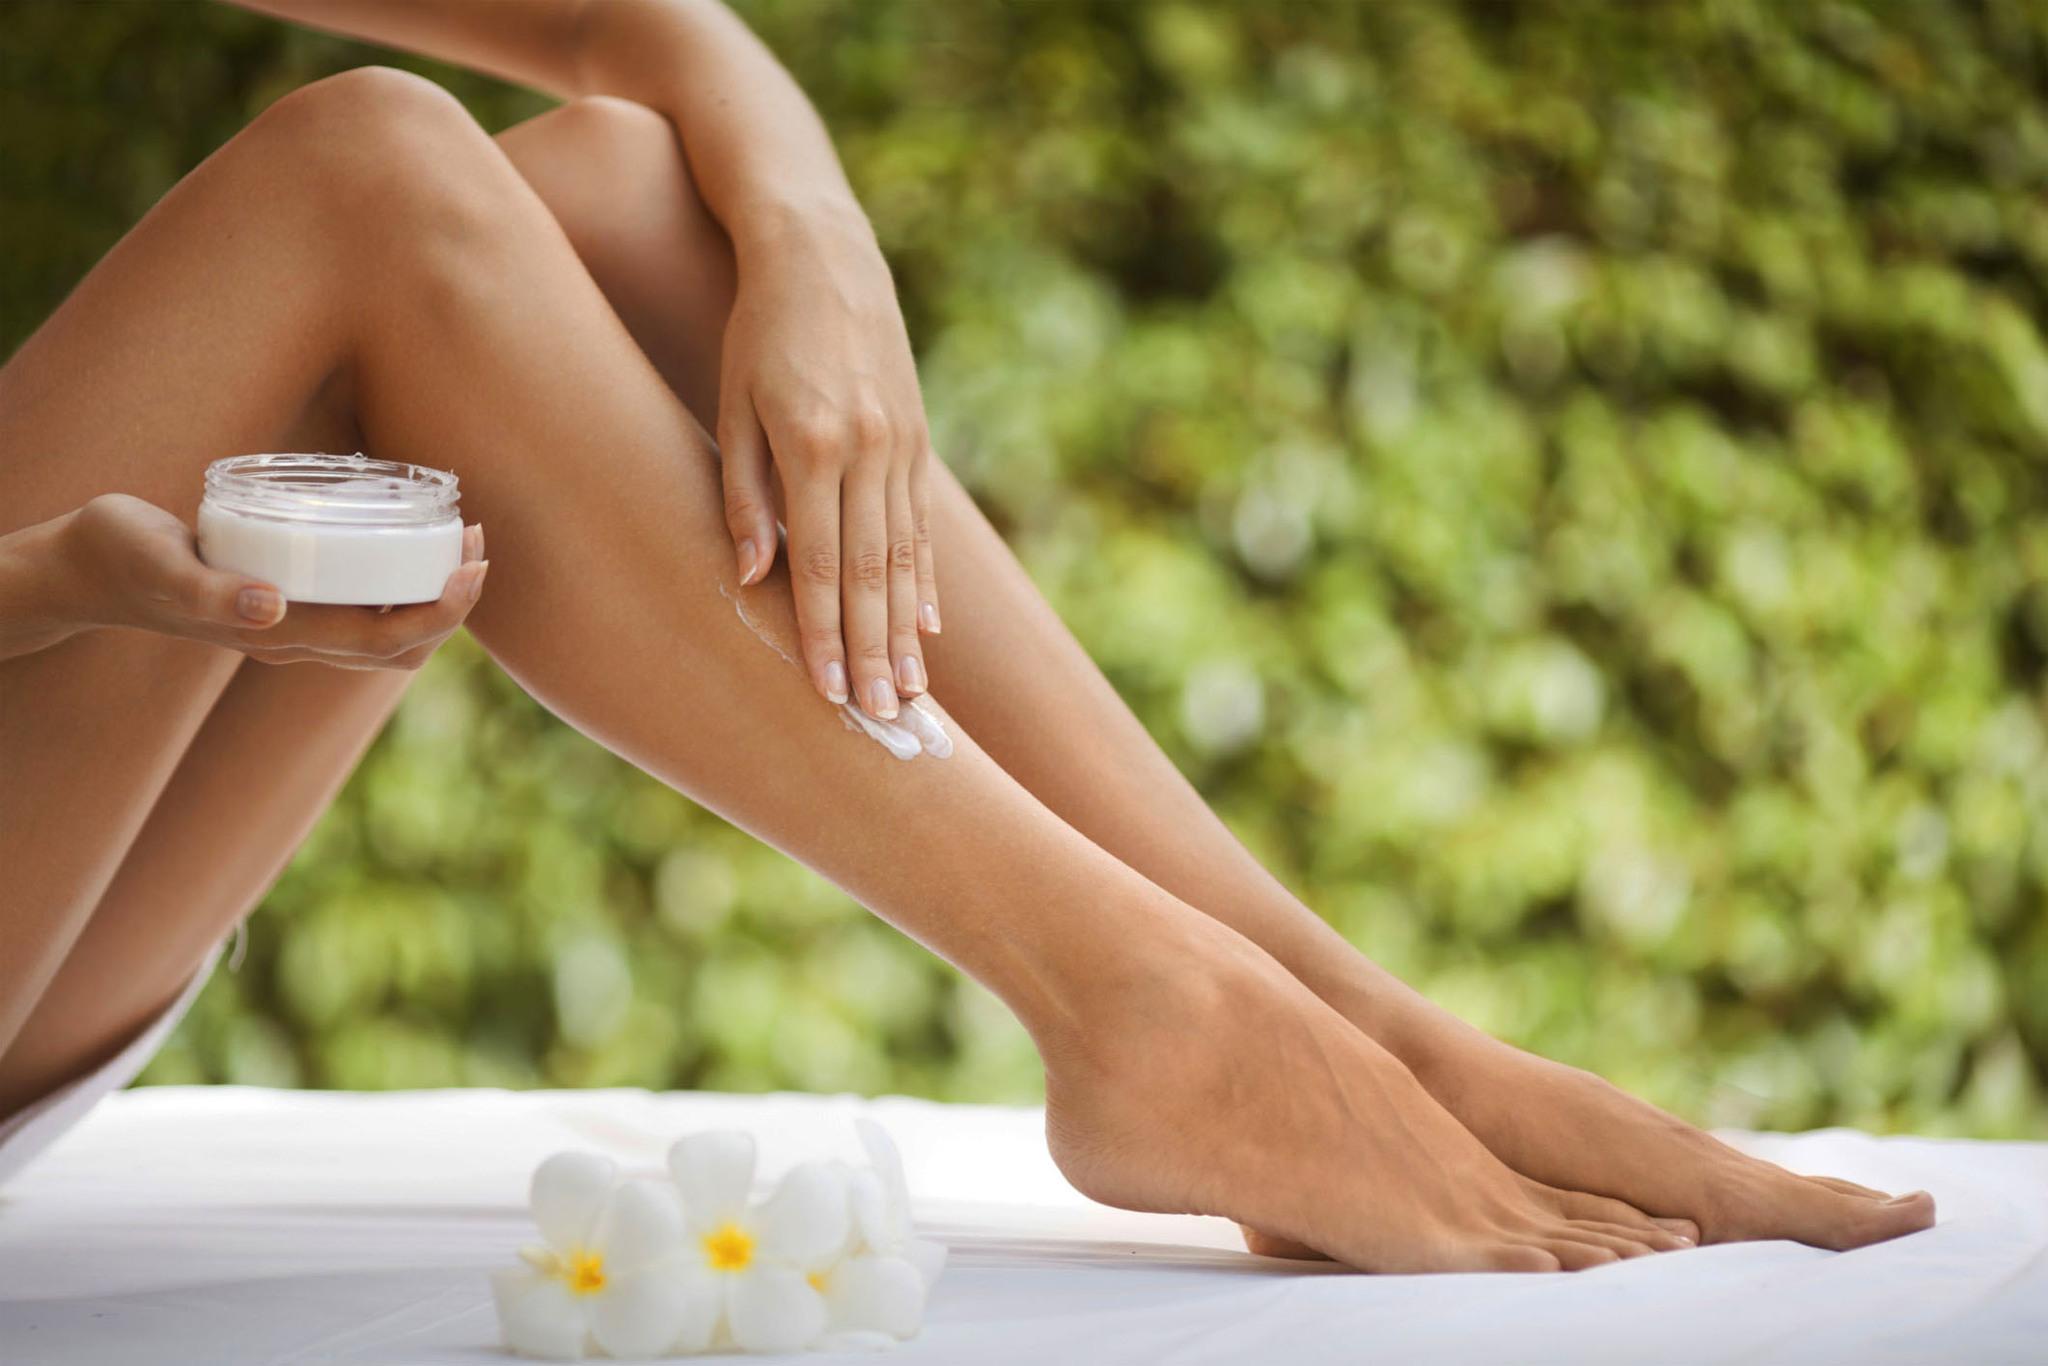 Обязательное увлажнение кожи после процедуры